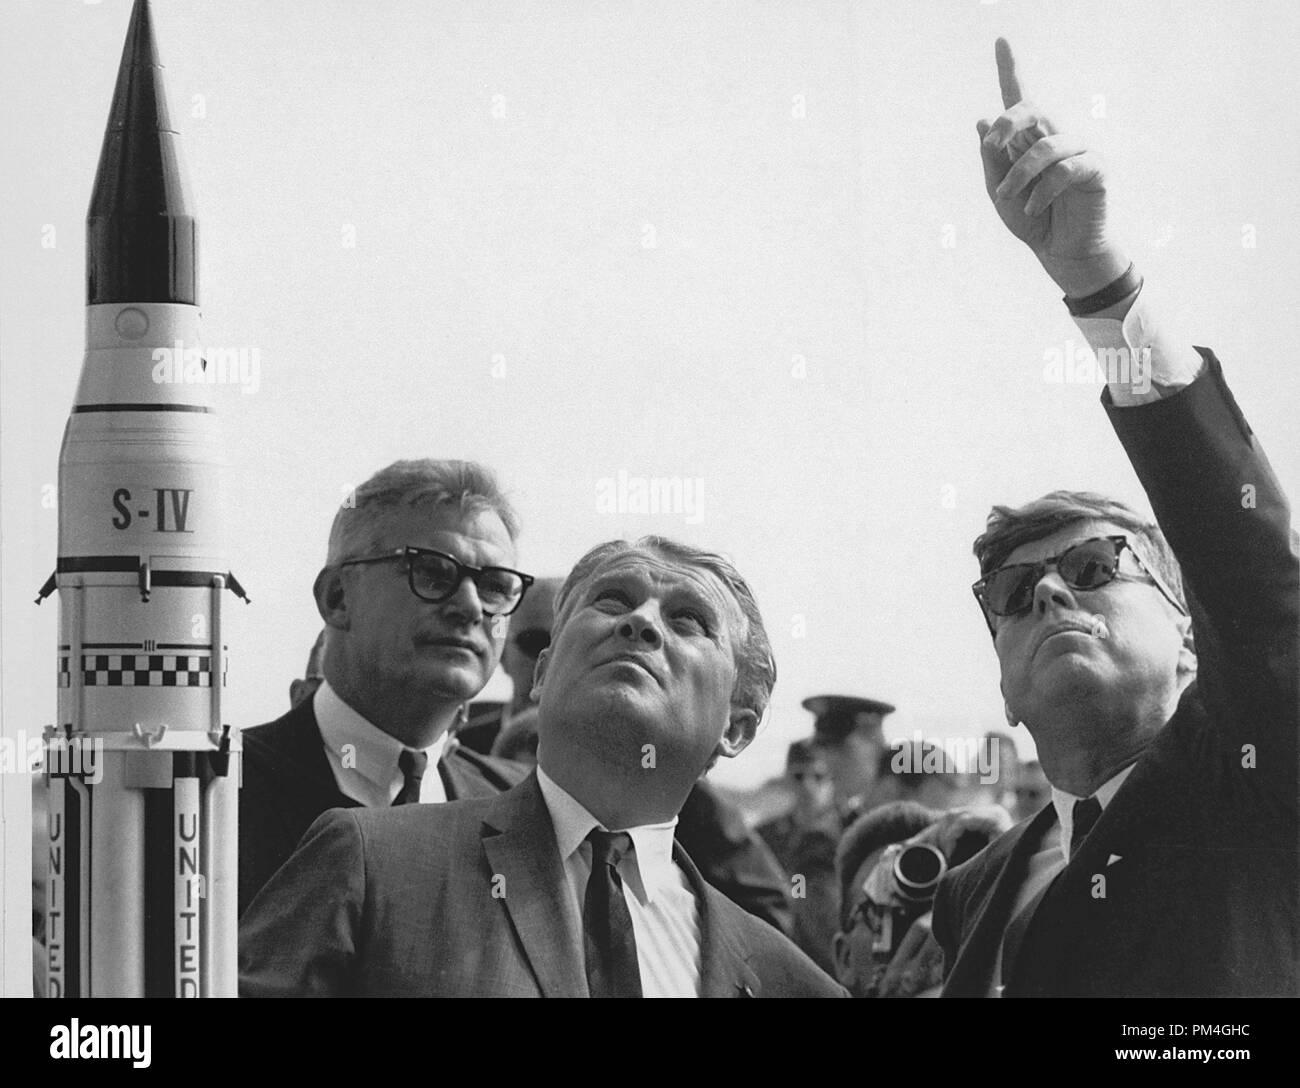 Dr. Wernher von Braun erklärt die Saturn Start System Präsident John F. Kennedy. Die stellvertretende NASA Administrator Robert Seamans ist auf der linken Seite von Braun, 16. November 1963. Datei Referenz Nr. 1003_020 THA Stockfoto